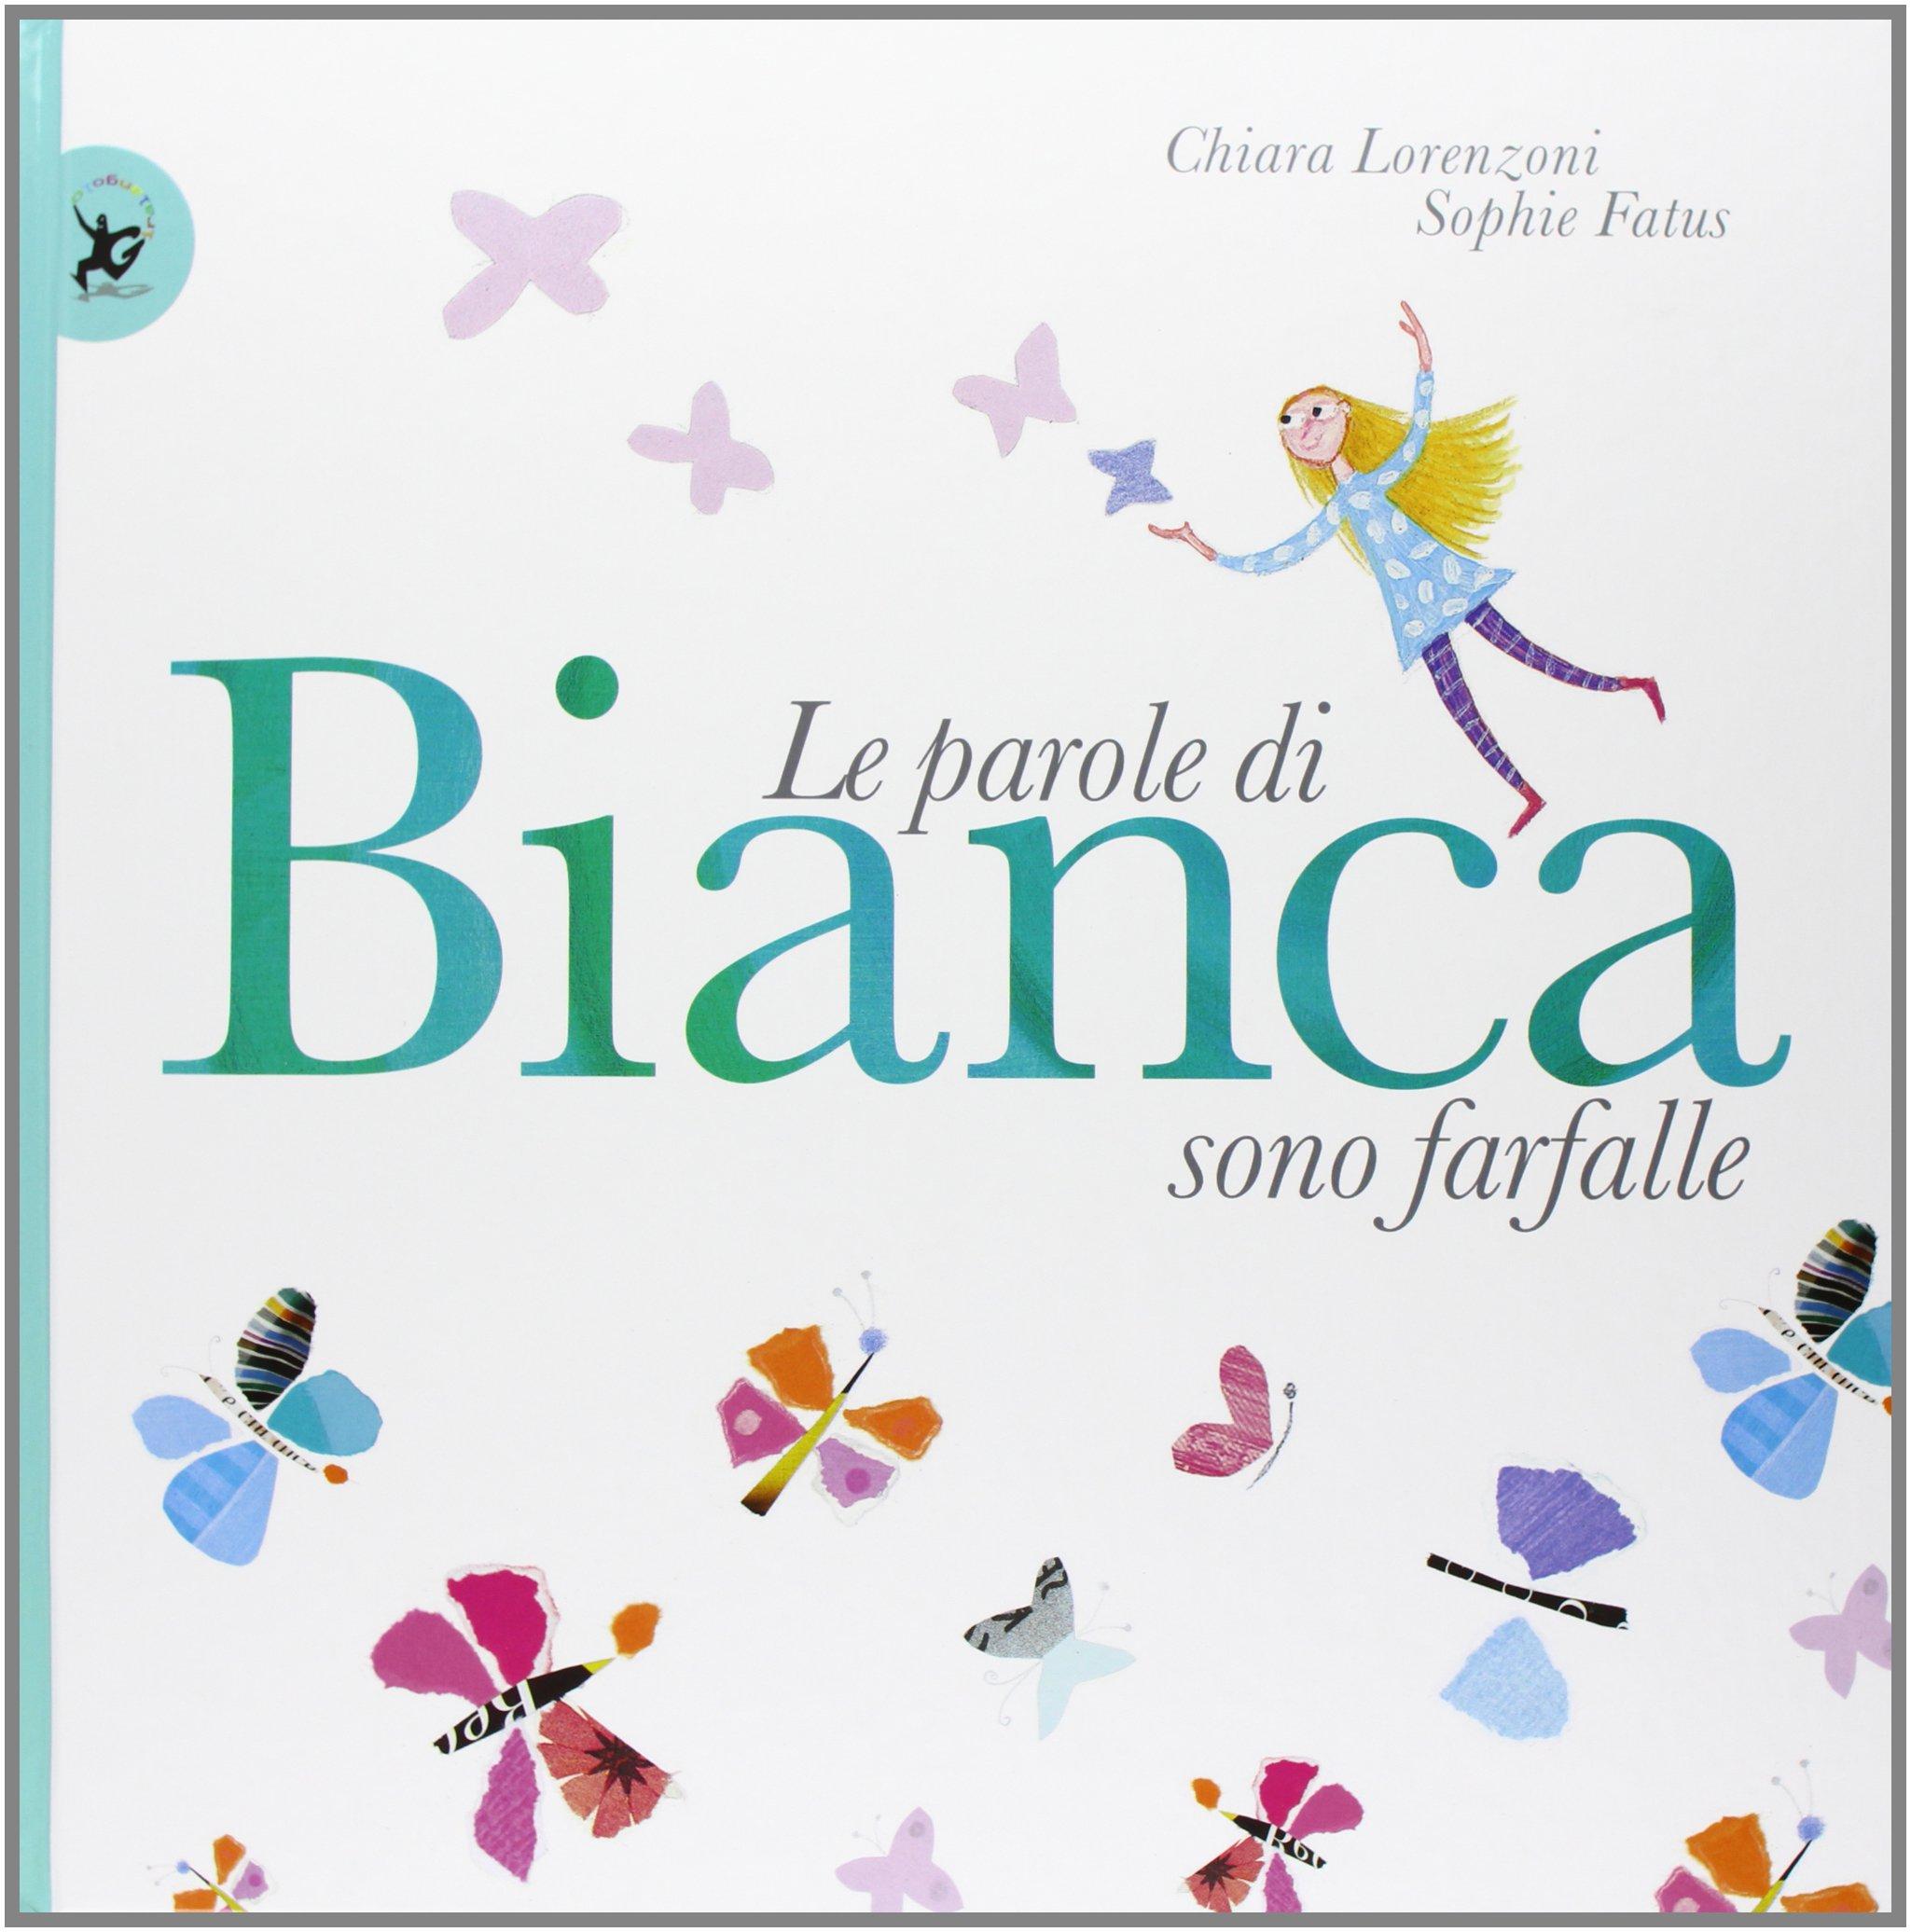 Le parole di Bianca sono farfalle